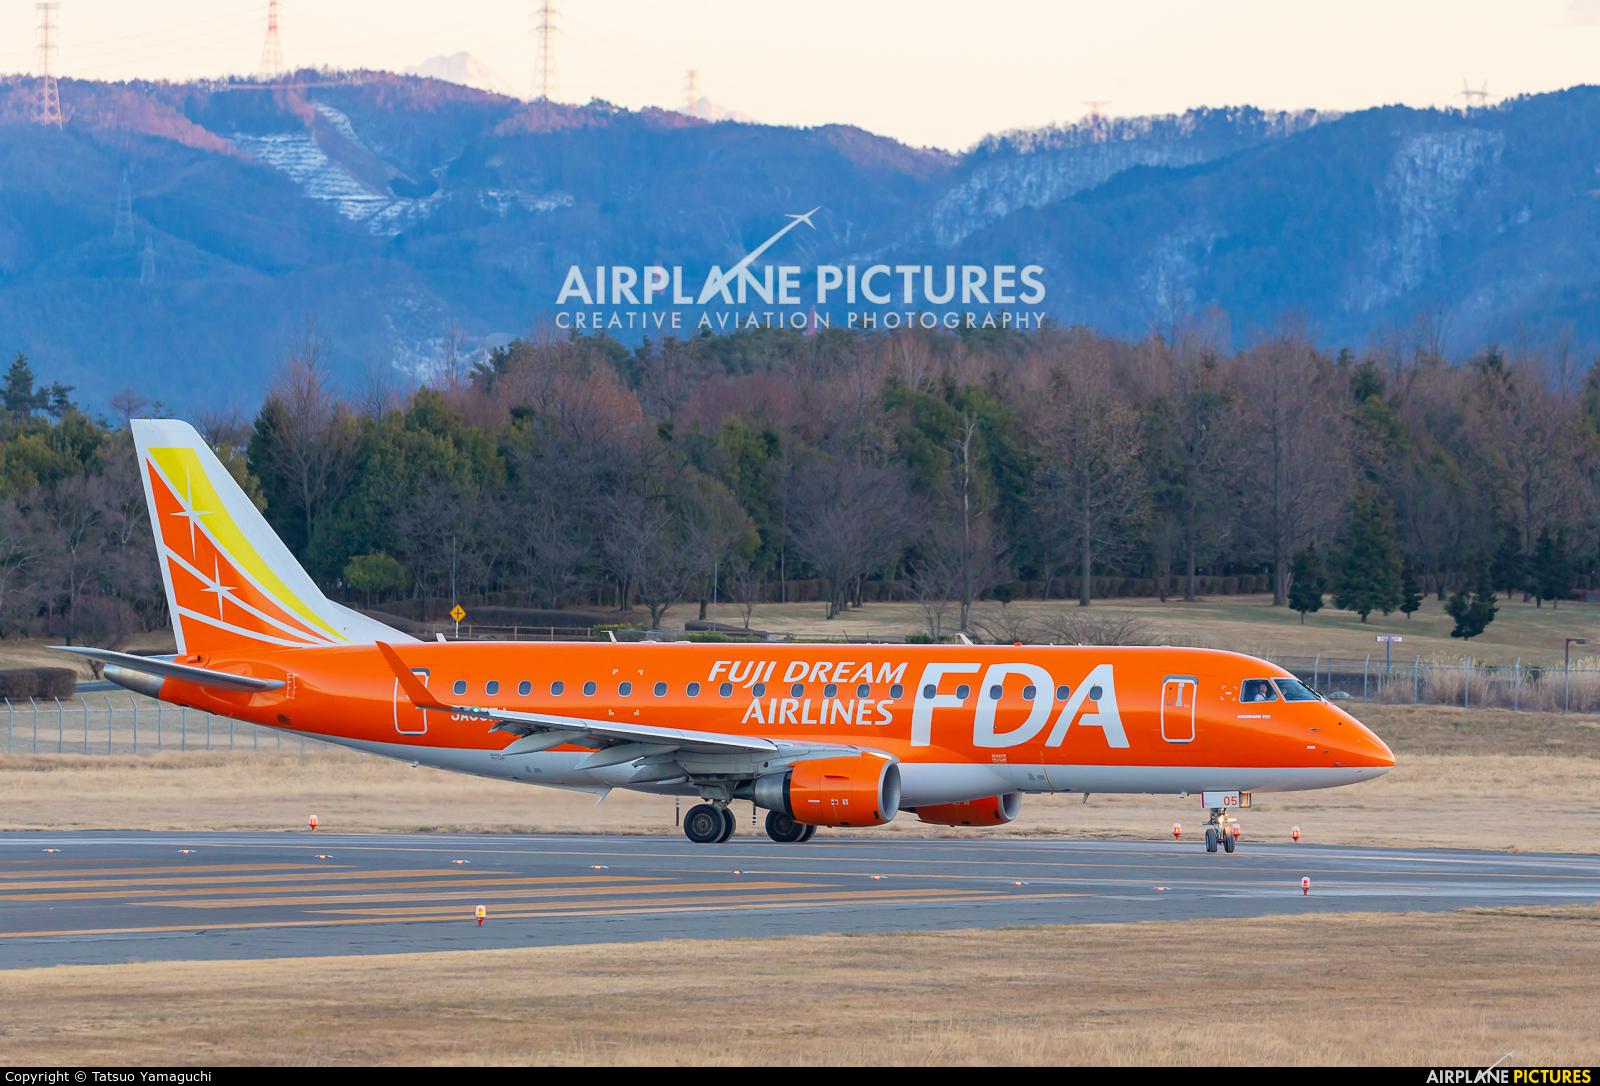 Fuji Dream Airlines JA05FJ aircraft at Shinshu - Matsumoto